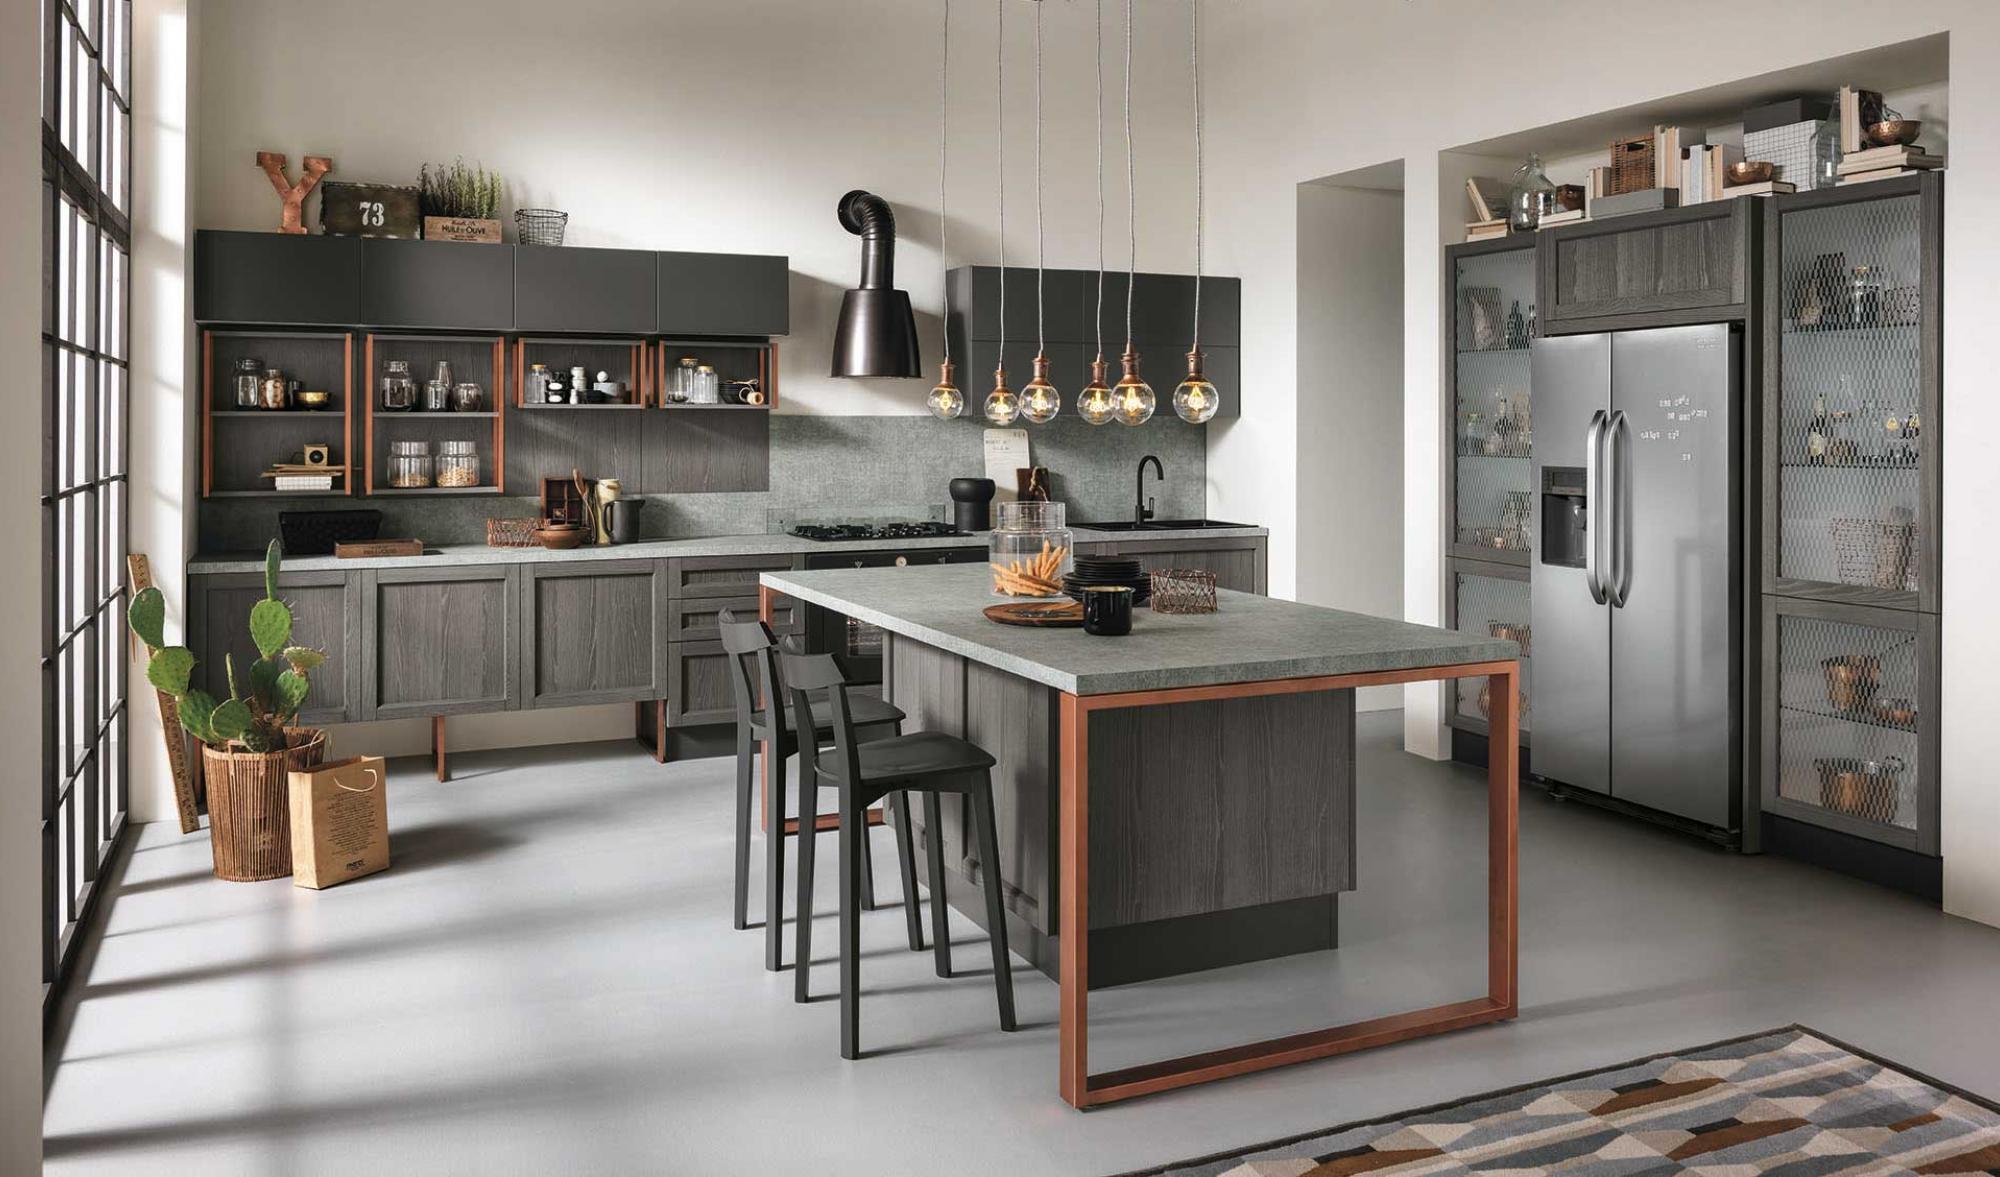 mobili zambonato arredamento e complementi per la casa